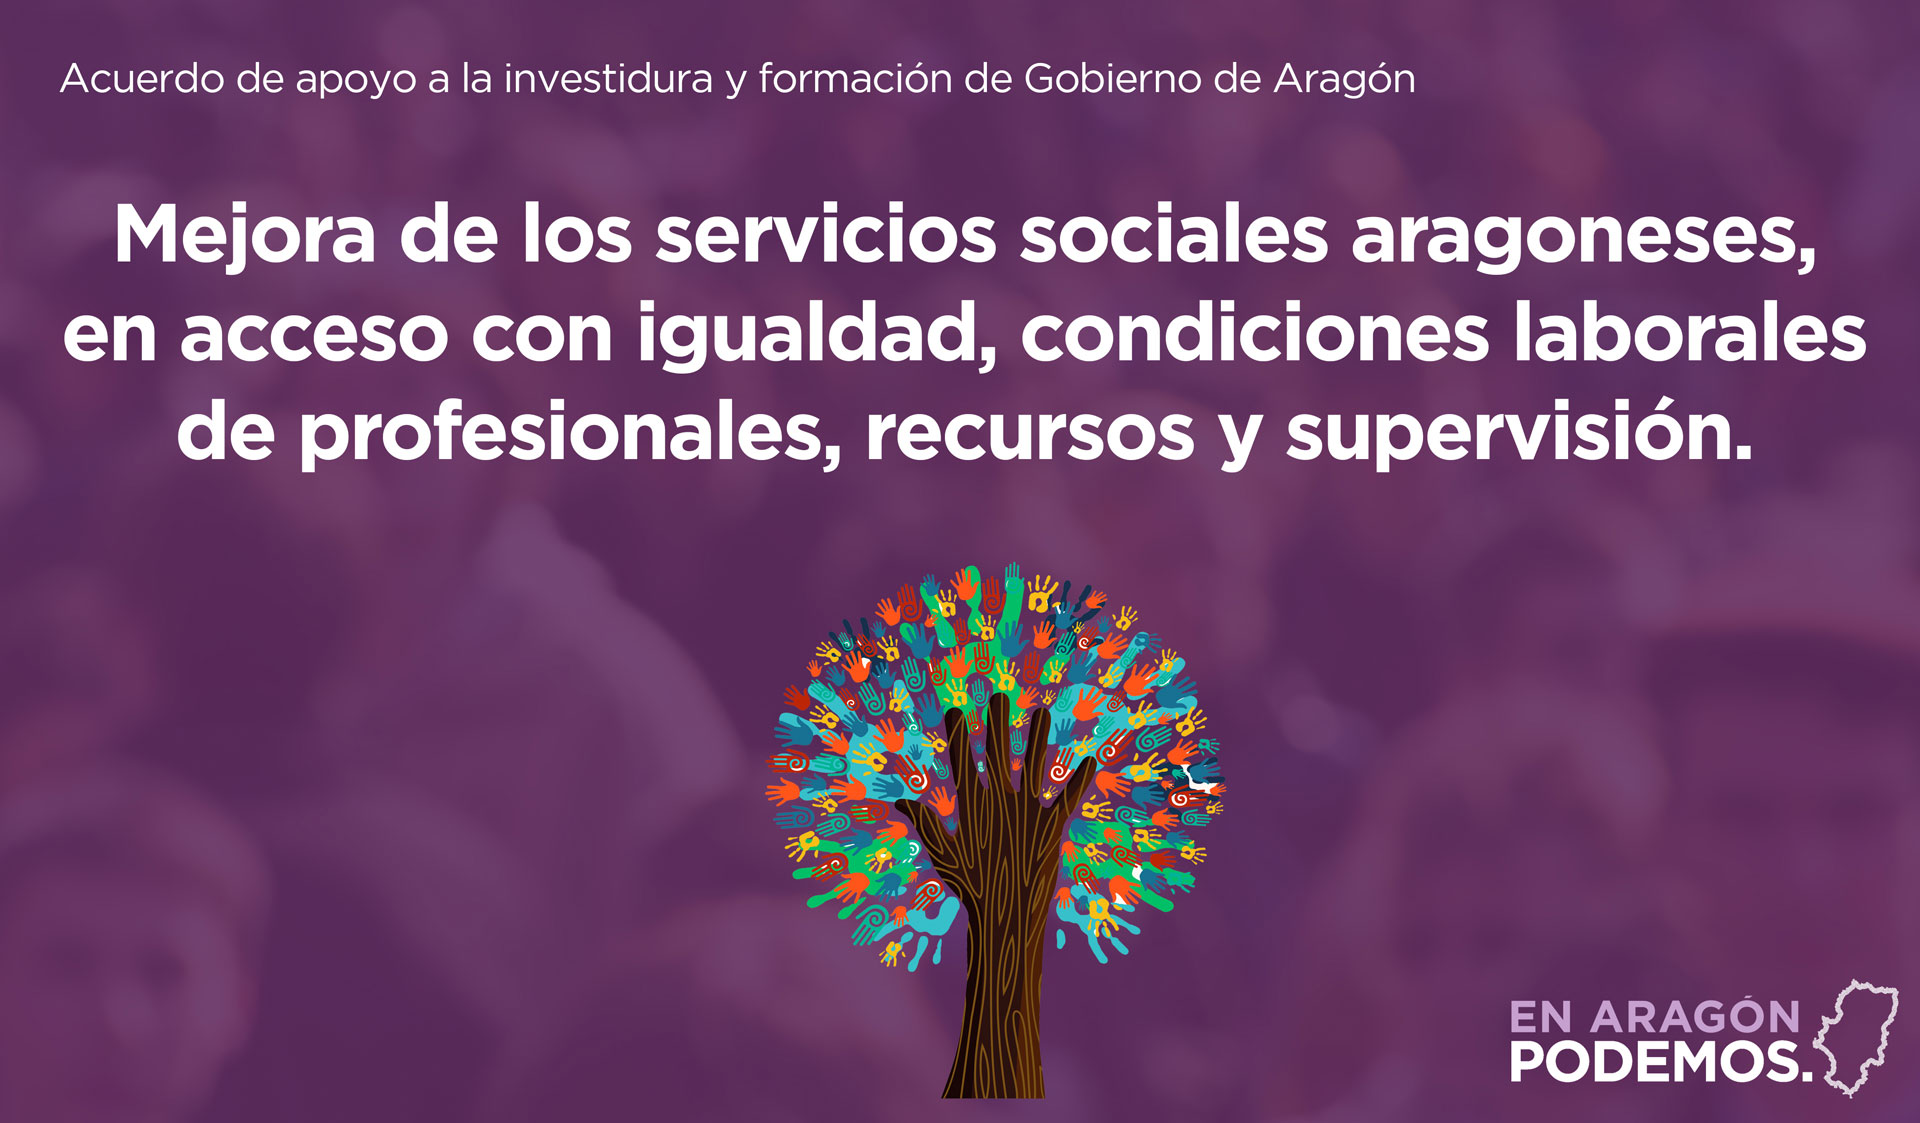 Mejora de los servicios sociales aragoneses